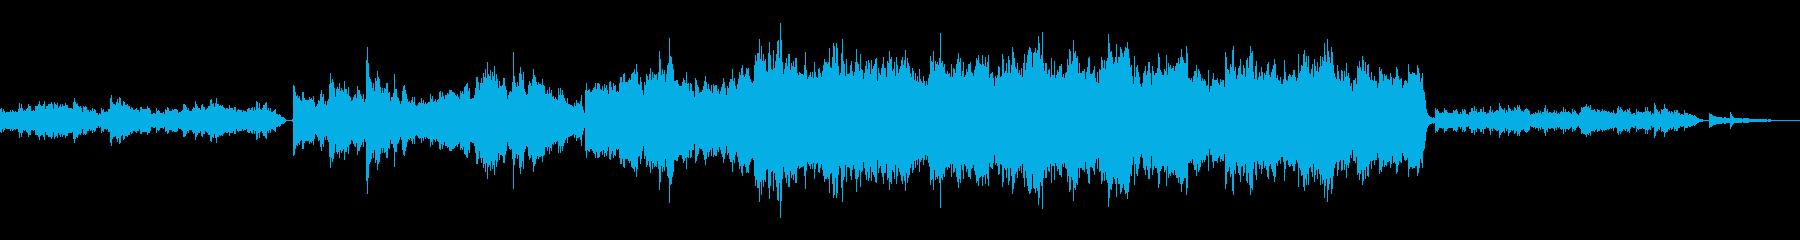 何かに目覚めるイメージ曲の再生済みの波形